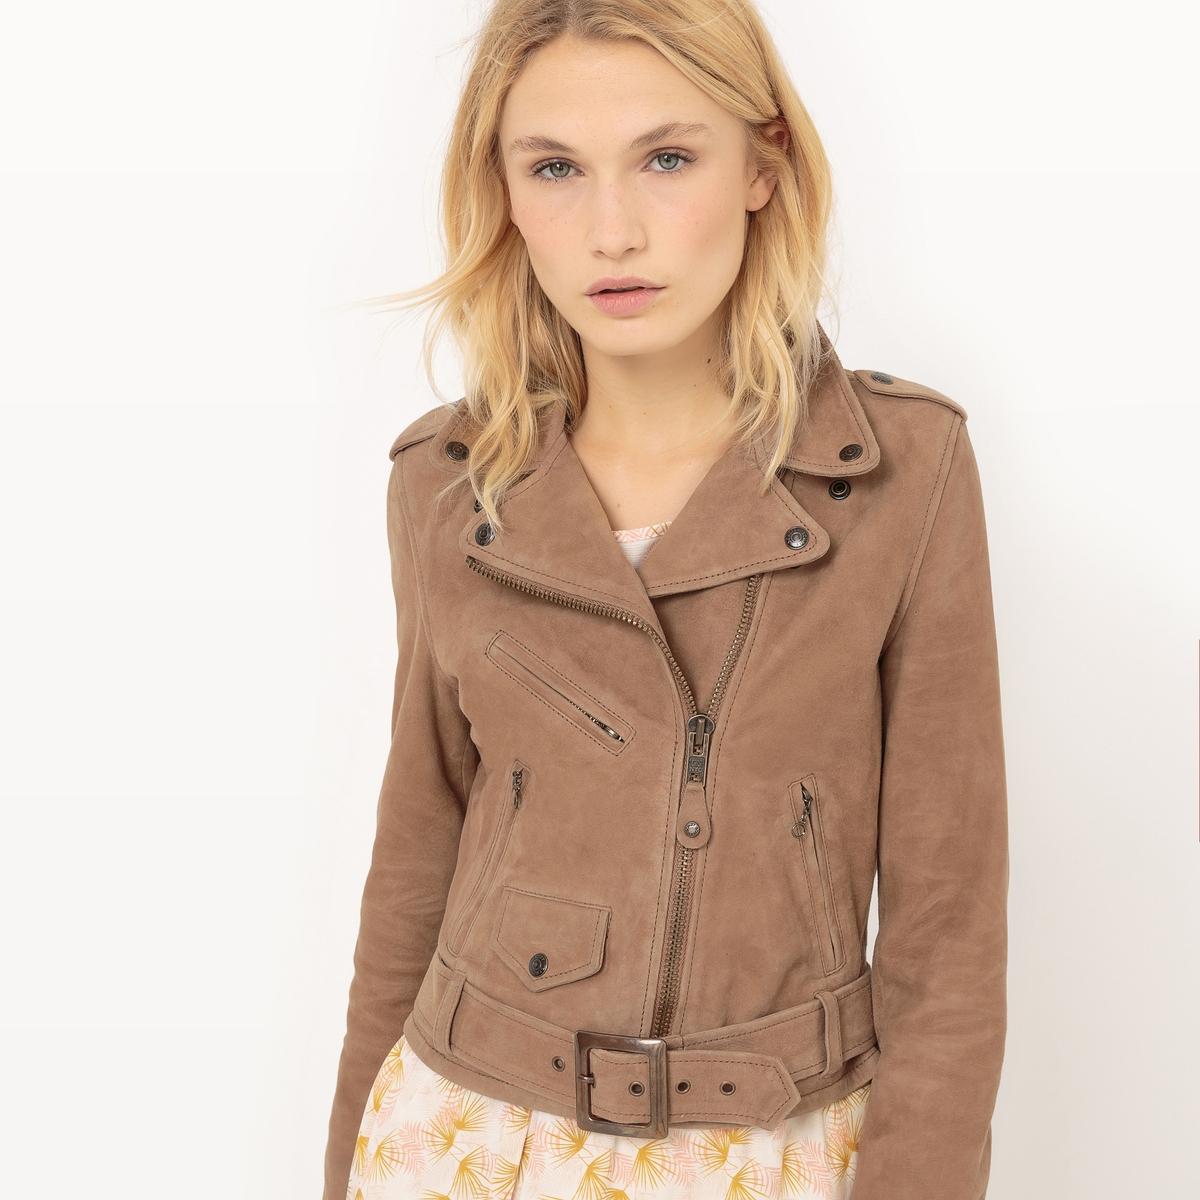 Куртка кожанаяМатериал : 100% кожаТип застежки : застежка на молнию.  Форма воротника : воротник-поло, рубашечный. Длина : укороченная модельРисунок : Однотонная модель   Особенность изделия: С поясом<br><br>Цвет: темно-бежевый